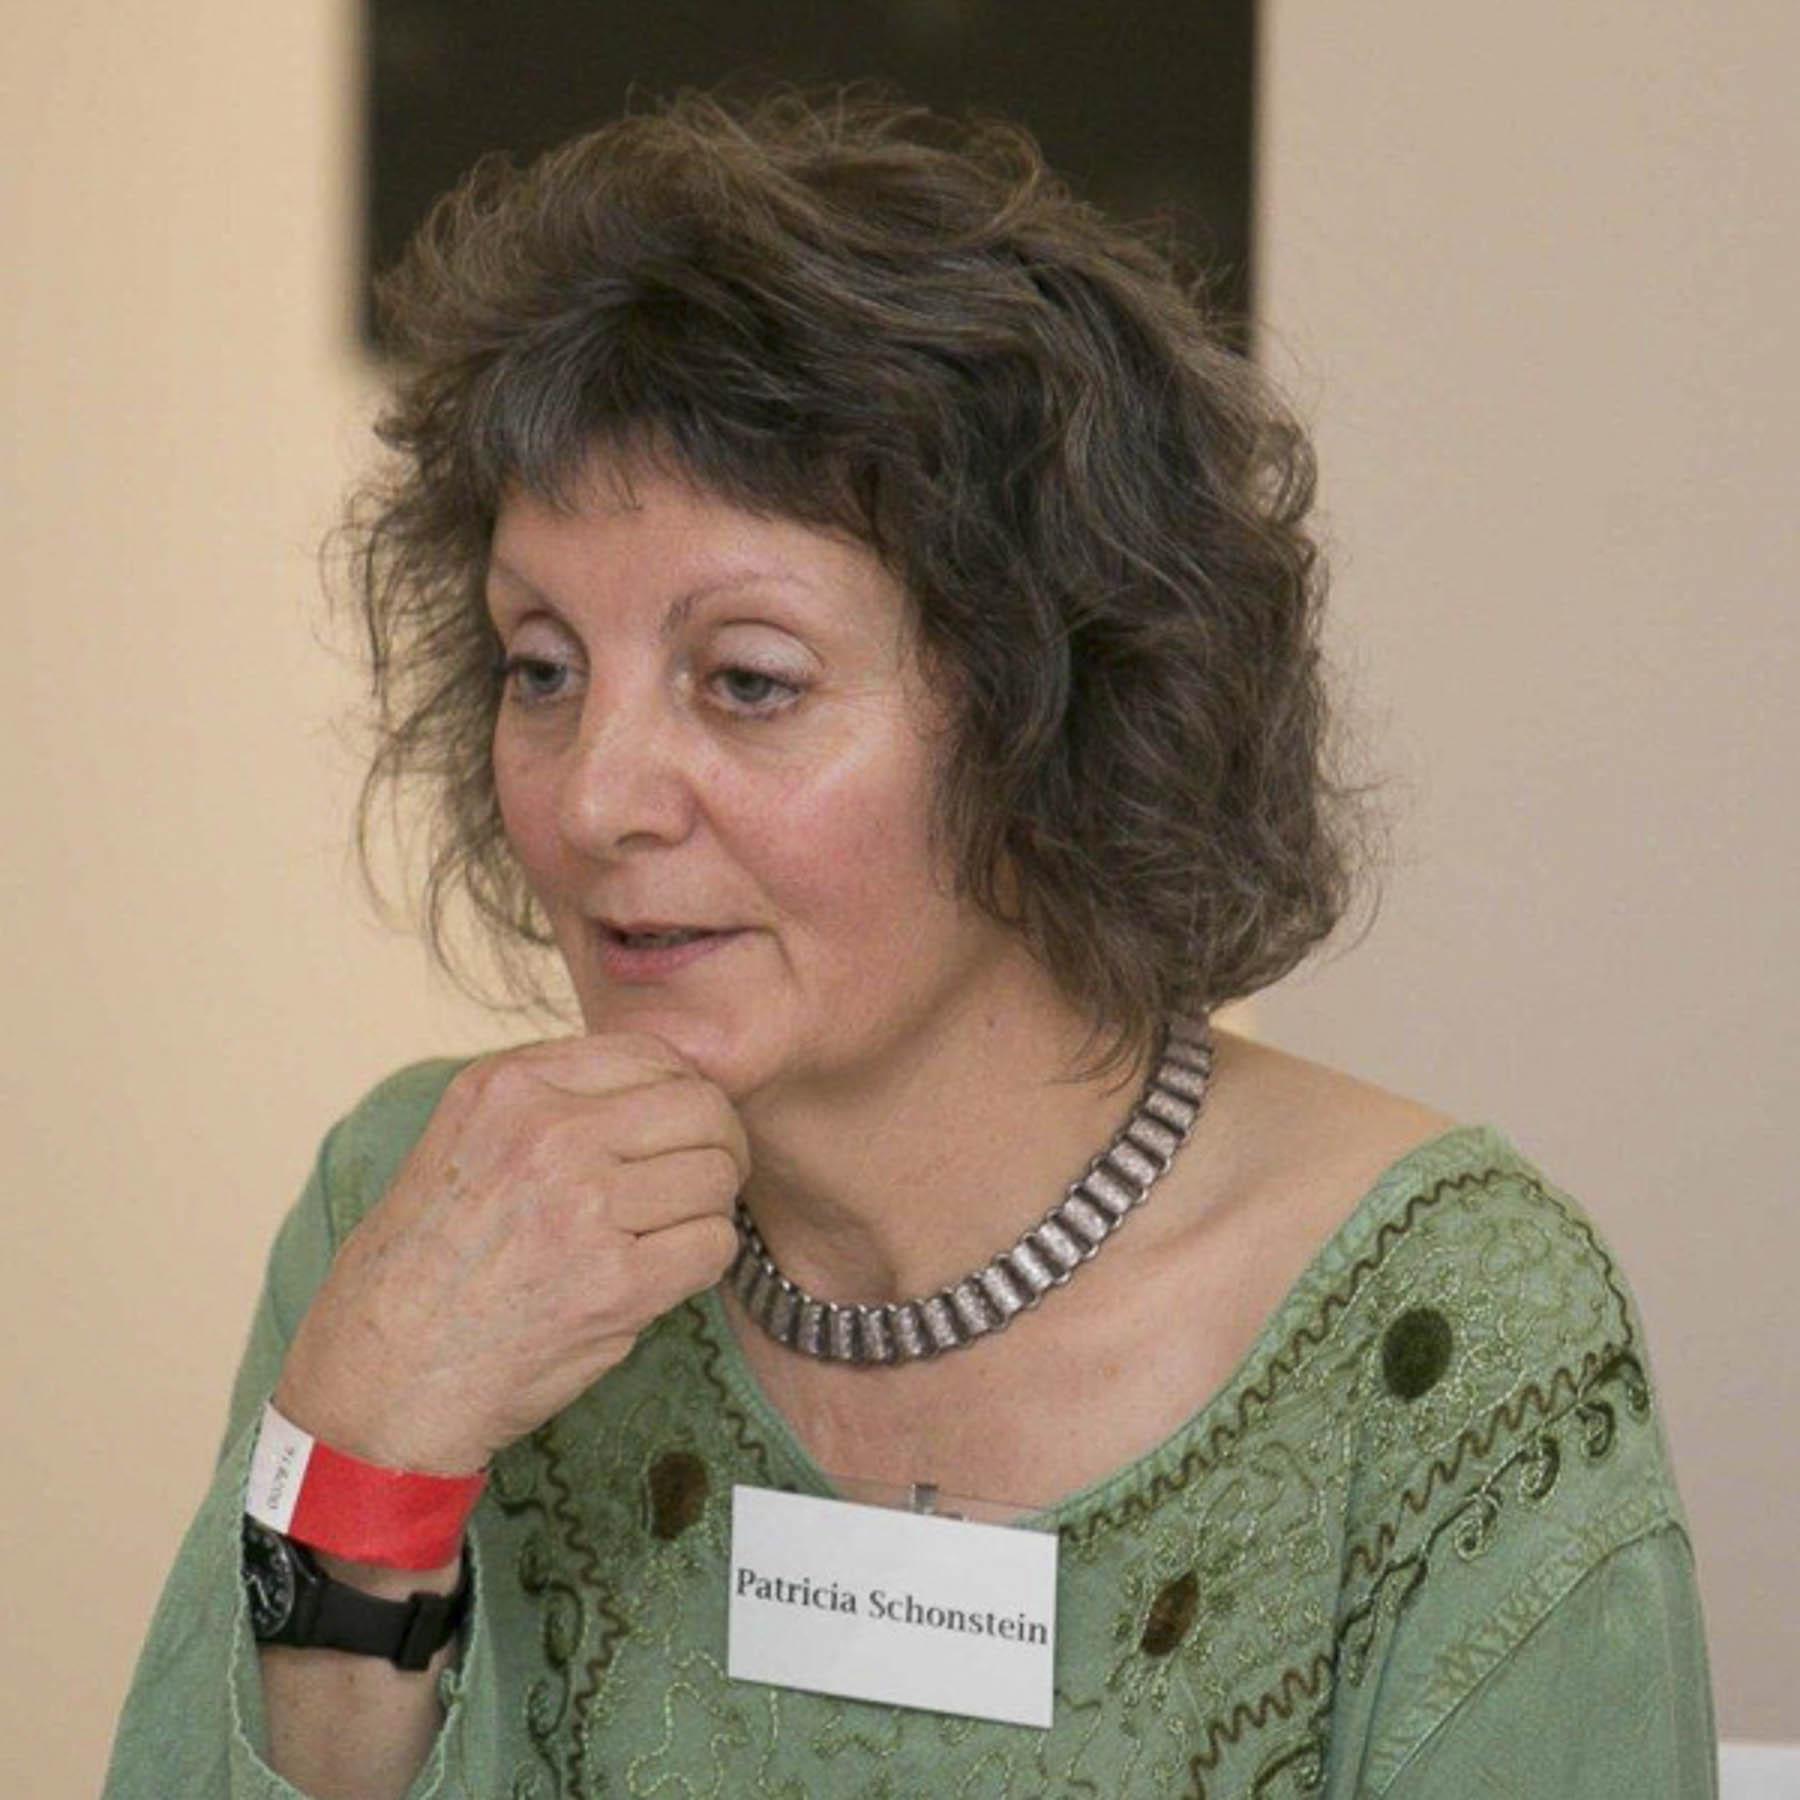 Patricia-Schonstrein